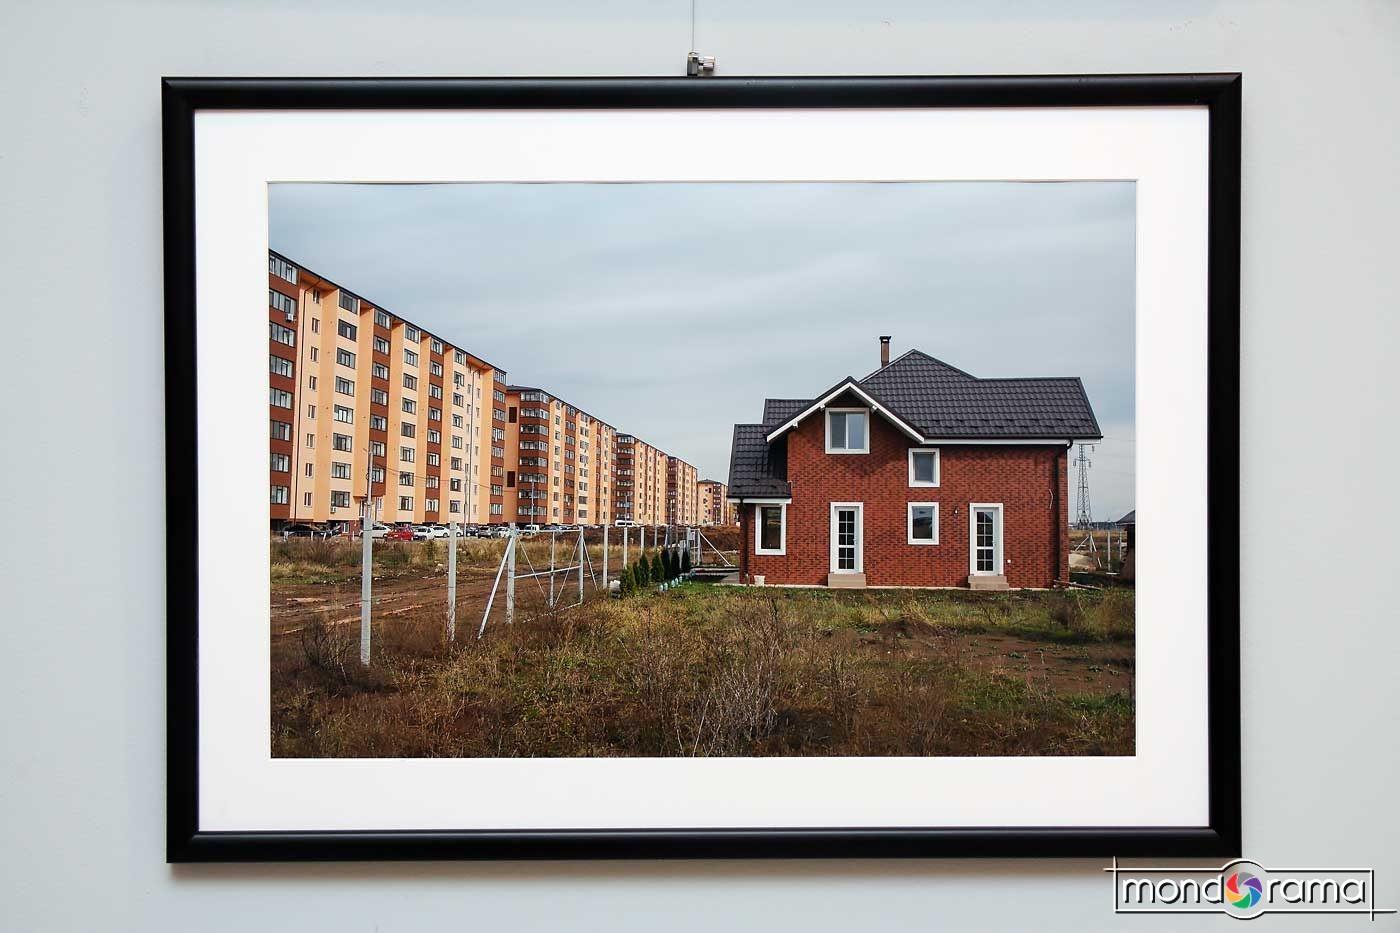 """Petrut Calinescu: """"Periferia B"""", una dintre imaginile proiectului."""